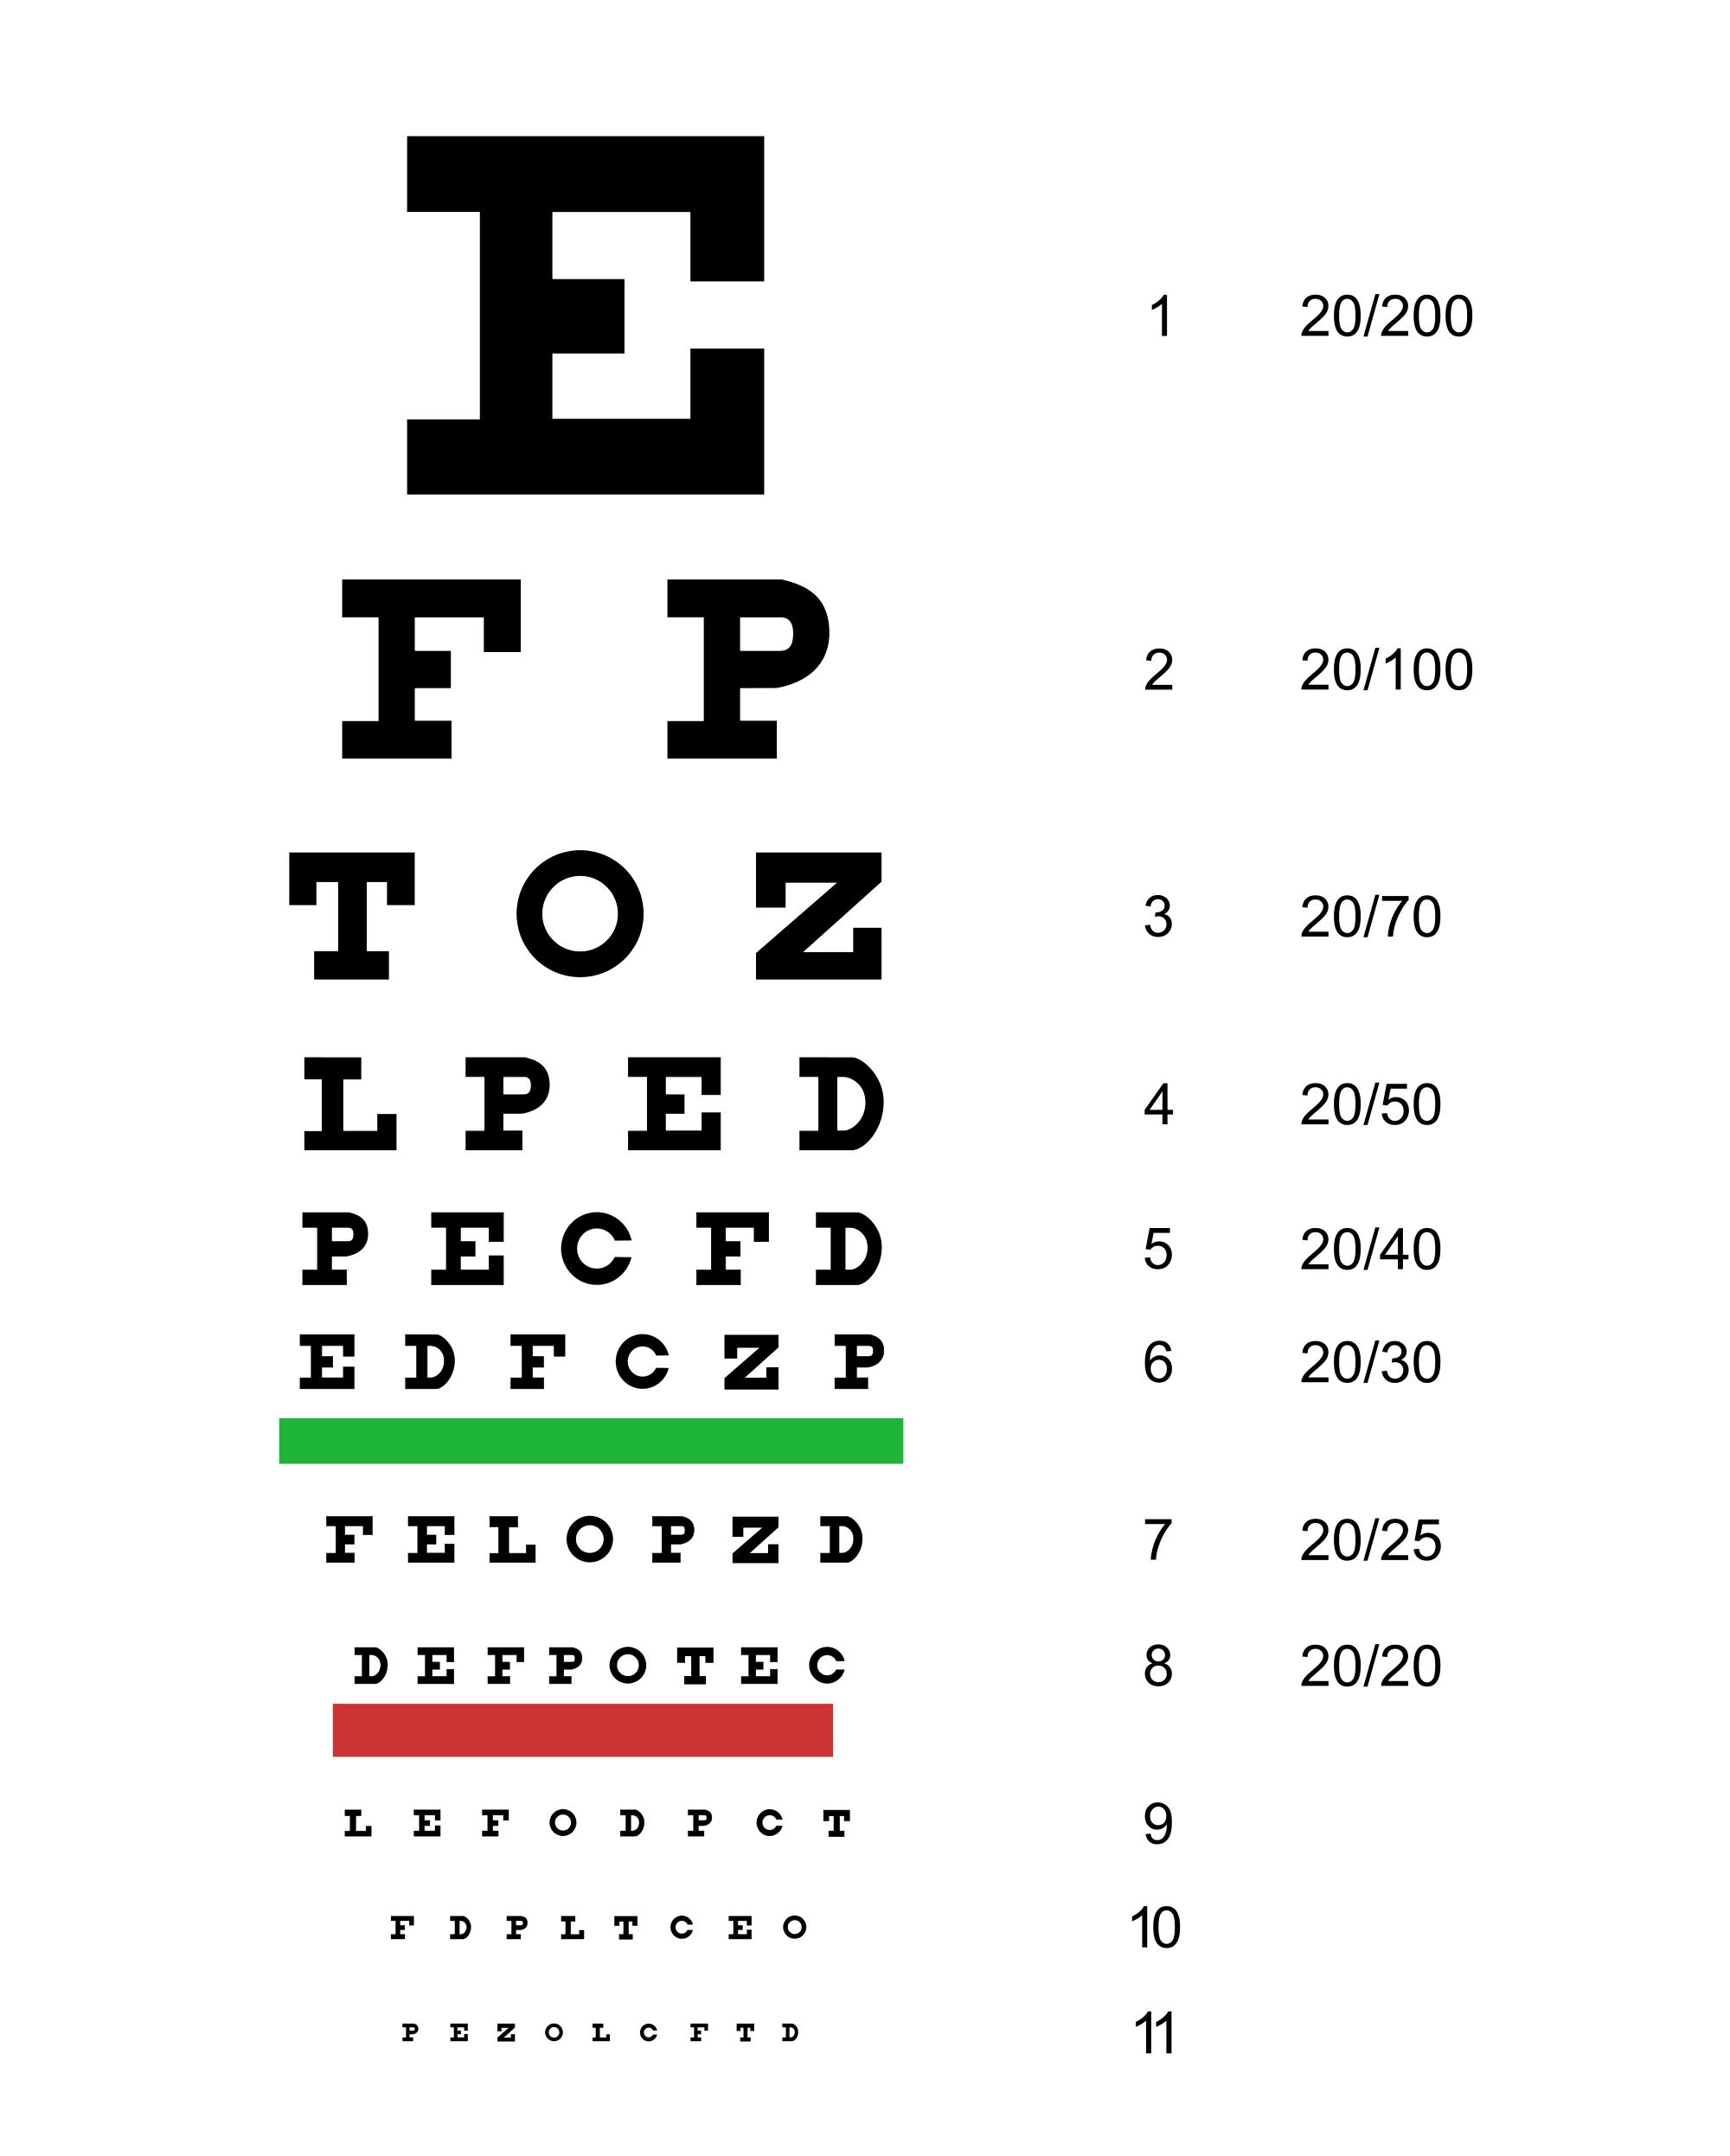 intézkedések a látásélesség javítására képzés a szemlátás javítására